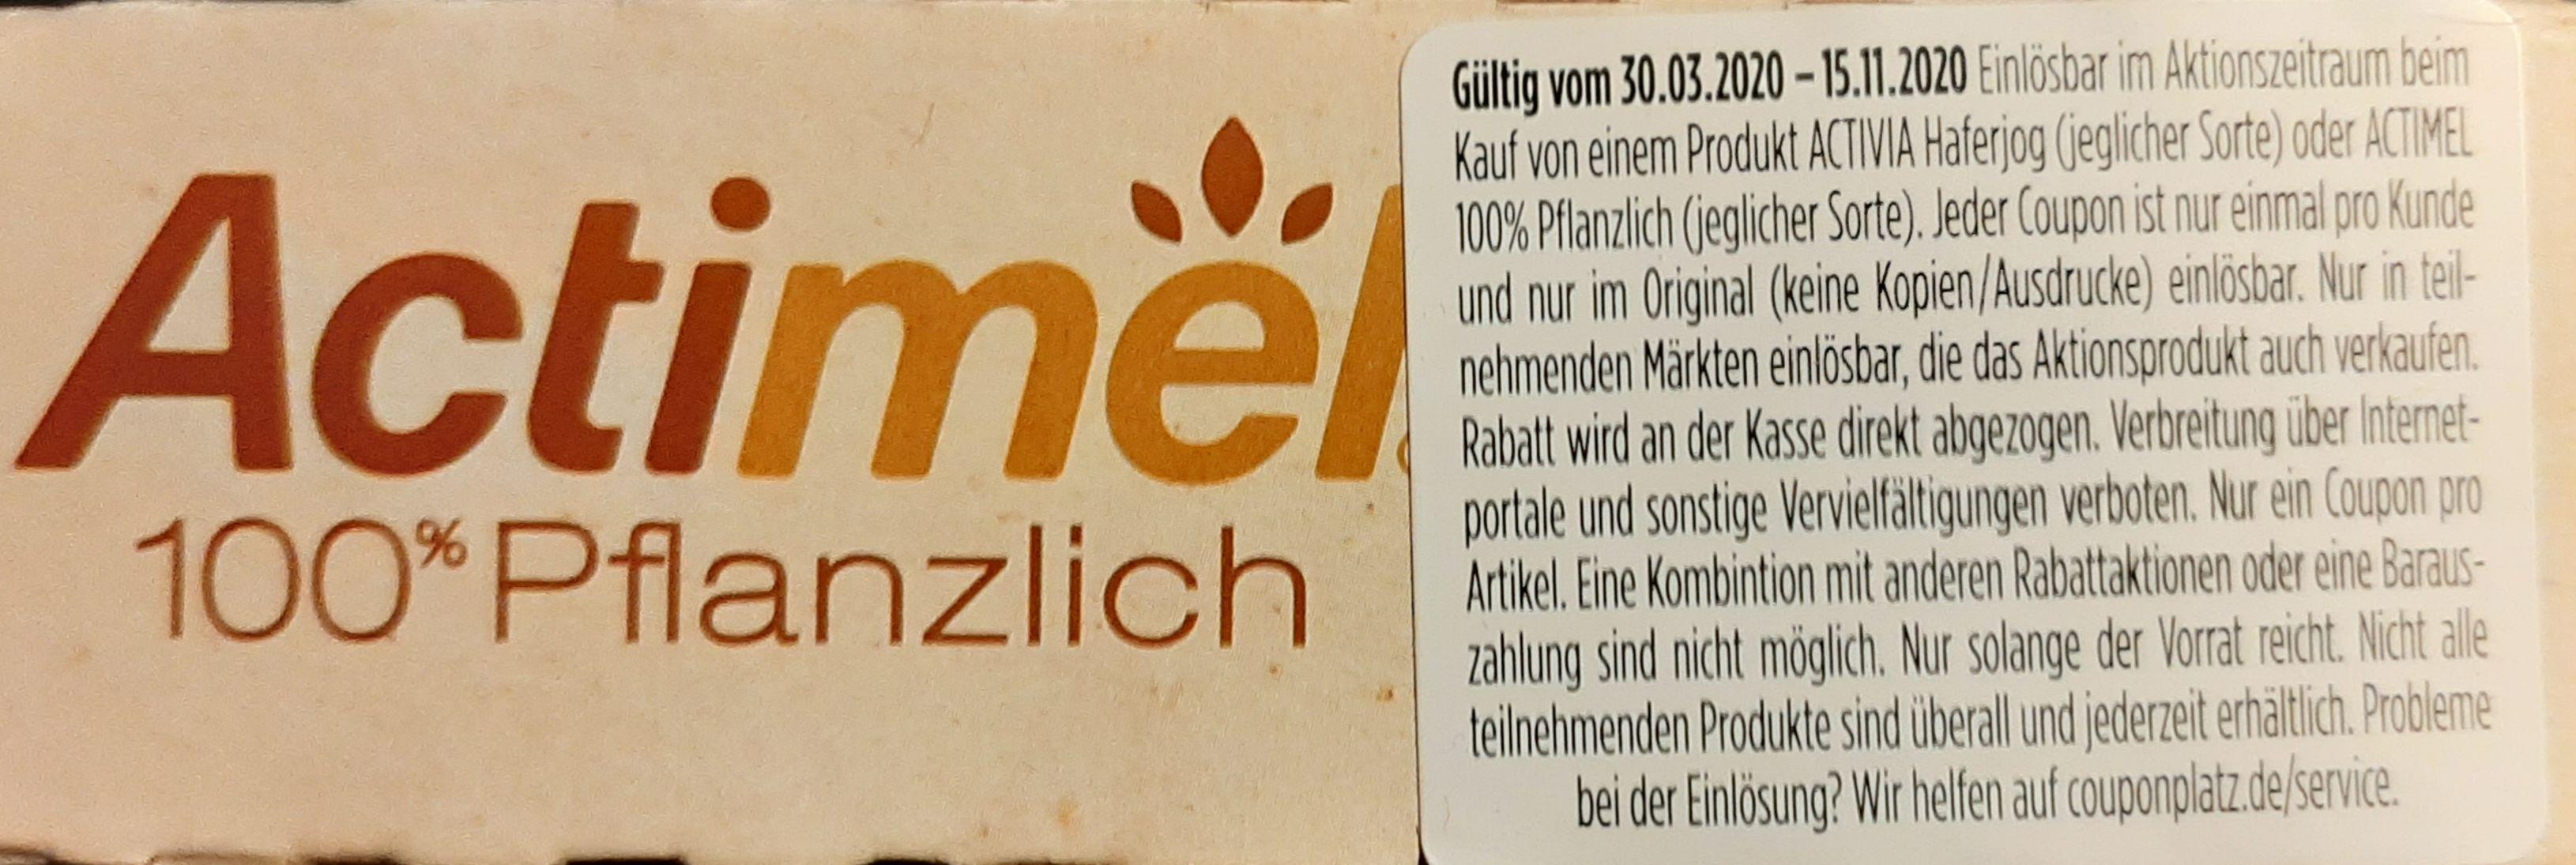 Actimel 100% Pflanzlich & Activia Haferjog 50 Cent Sofort Rabatt auf Aktionspackung